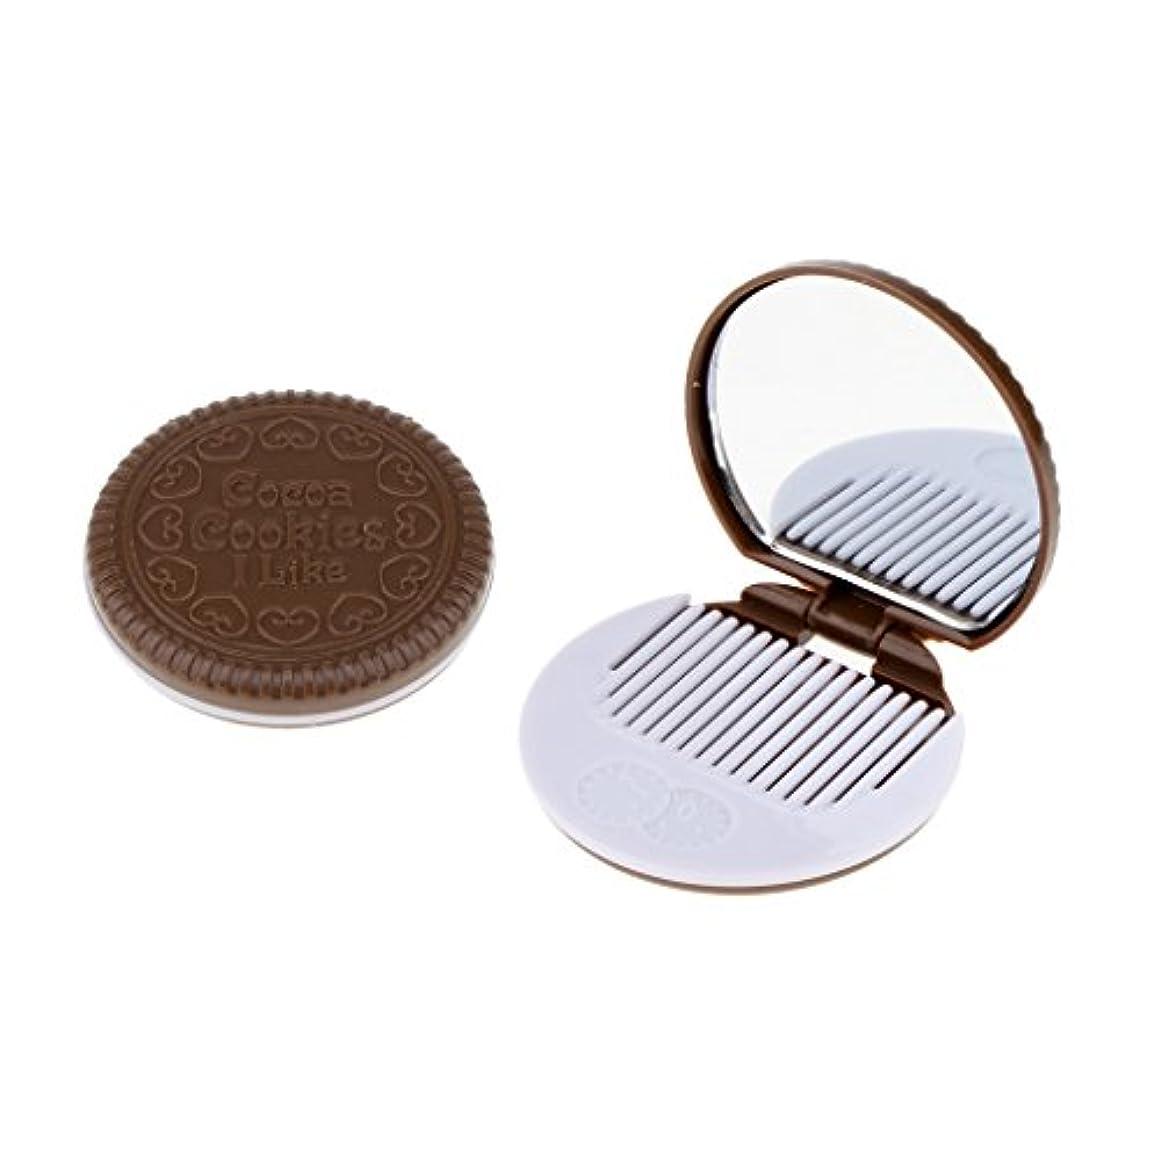 ハウジングカブクリア2個入 メイクアップミラー 化粧ミラー 化粧鏡 コーム ポケットサイズ 可愛い ラウンド 折りたたみ 全4色 - 褐色